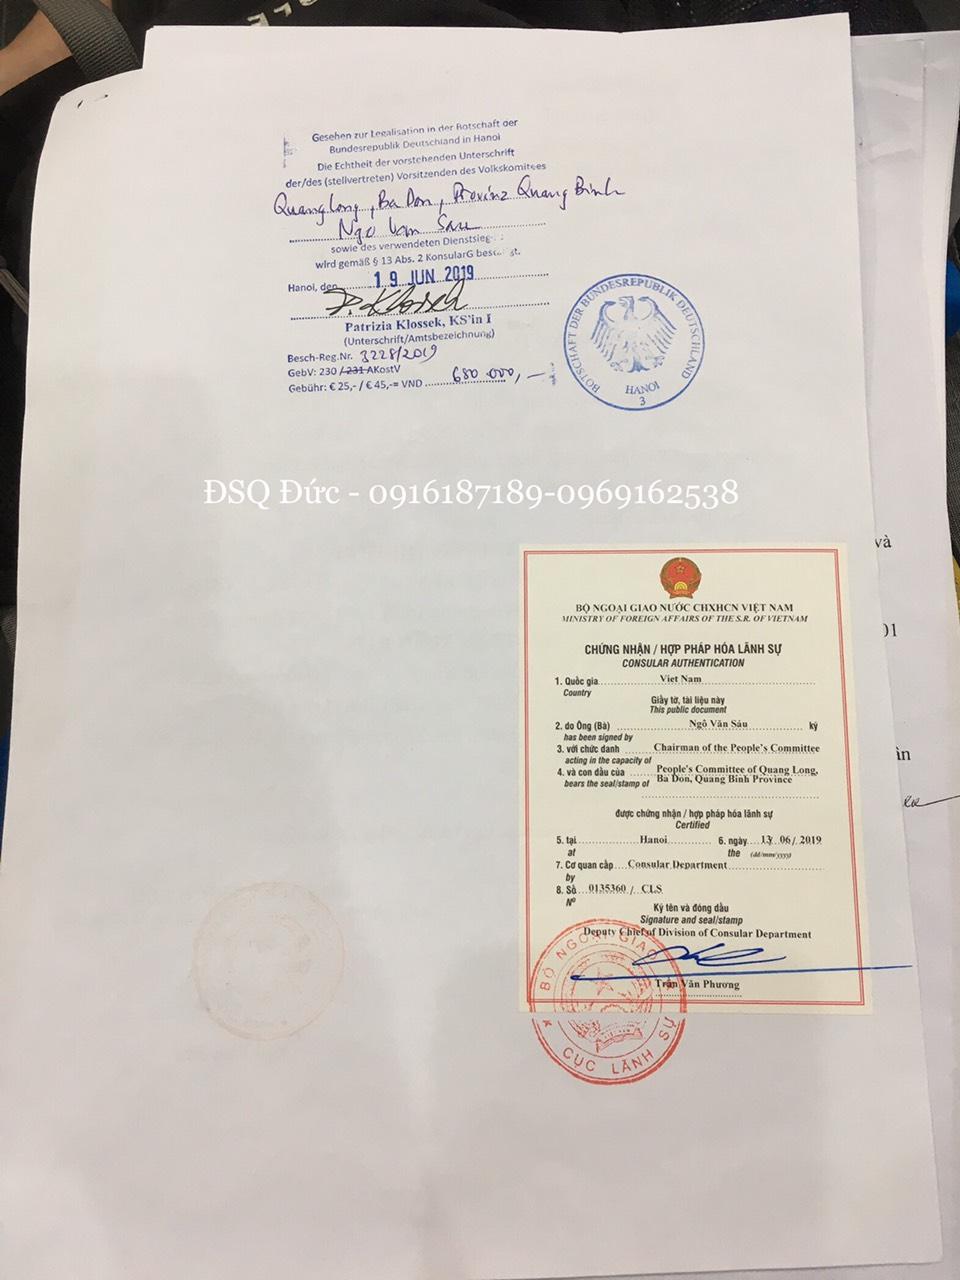 Hợp pháp hóa lanh sự của Bộ ngoại giao Việt Nam và chứng nhận của Đại Sứ quán Đức tại Hà Nội